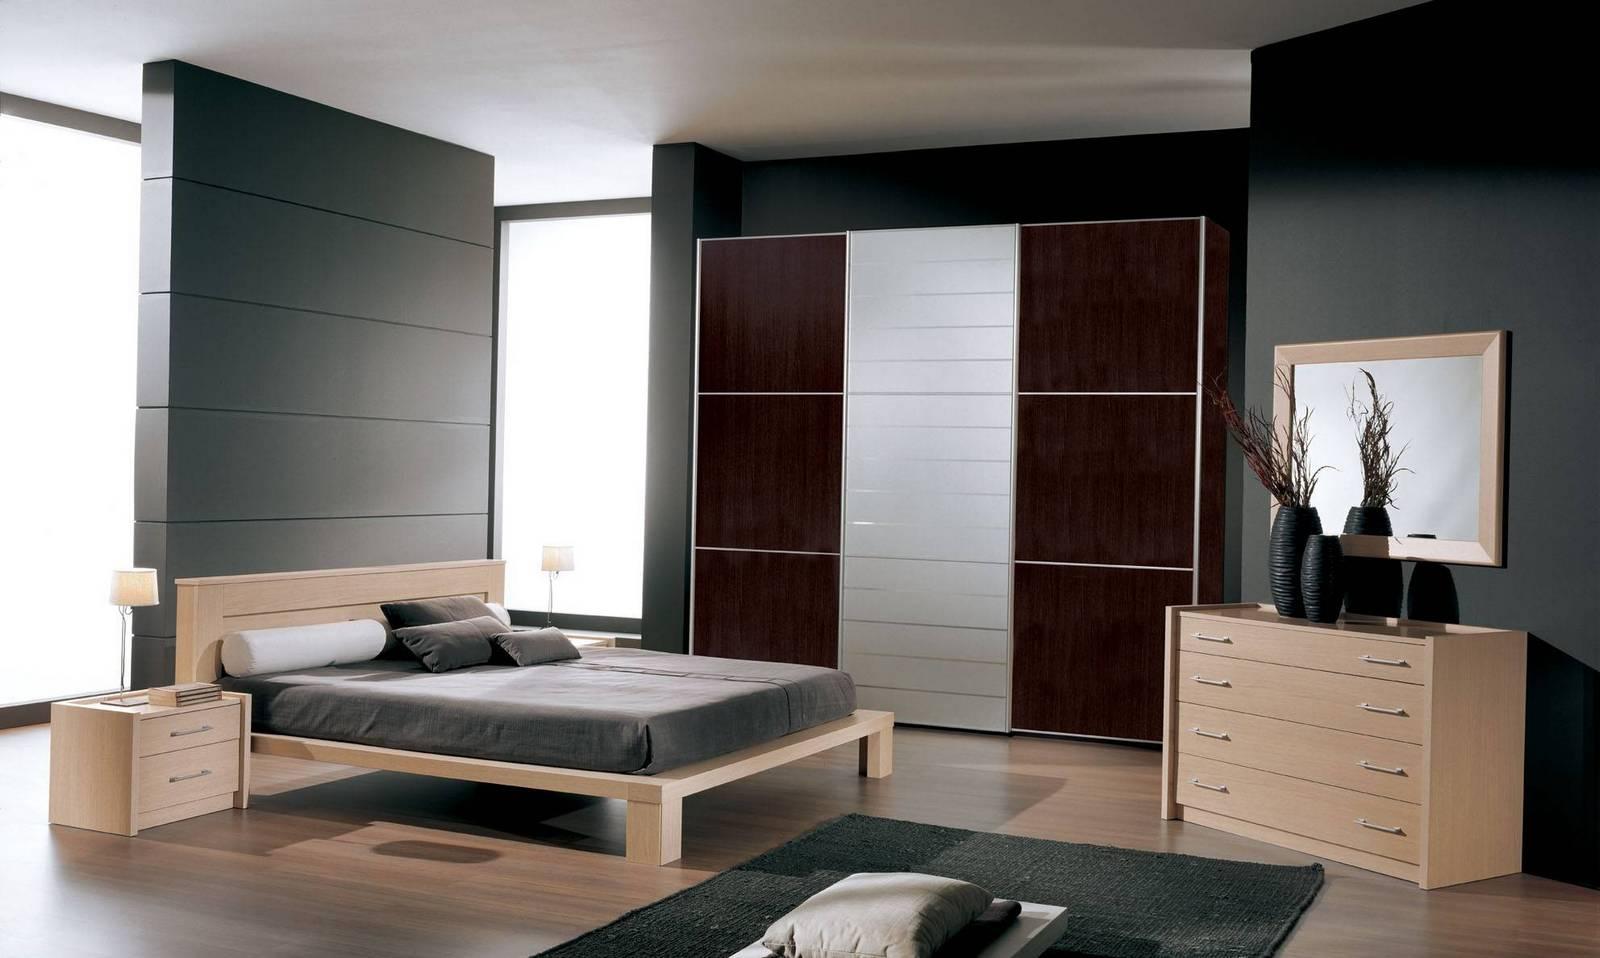 Бежево-коричневая современная спальня в стиле модерн